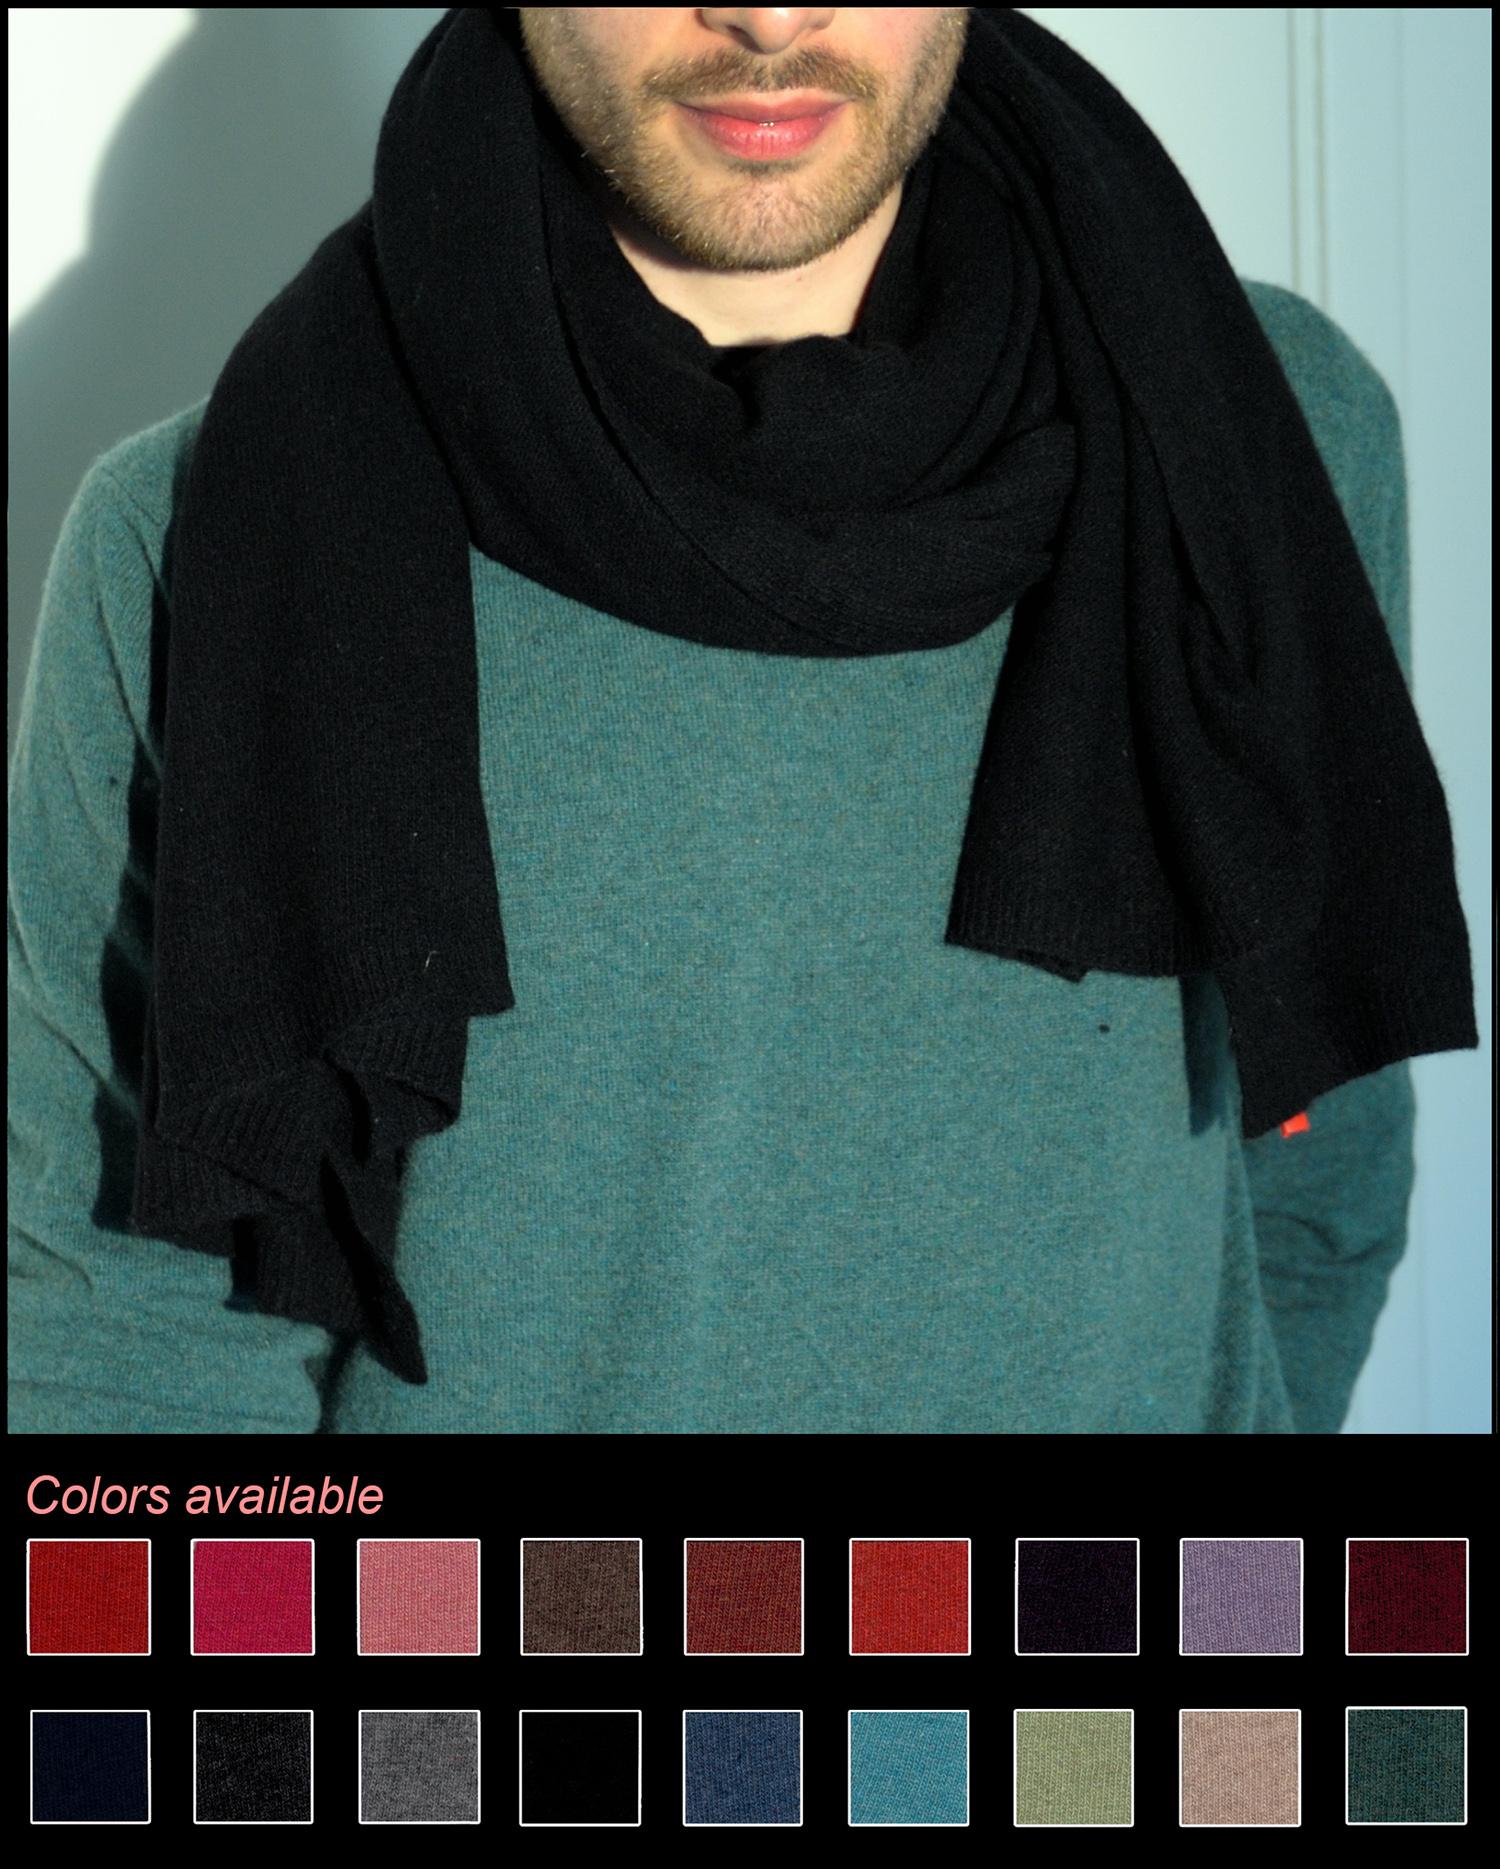 Man scarve color black code 245